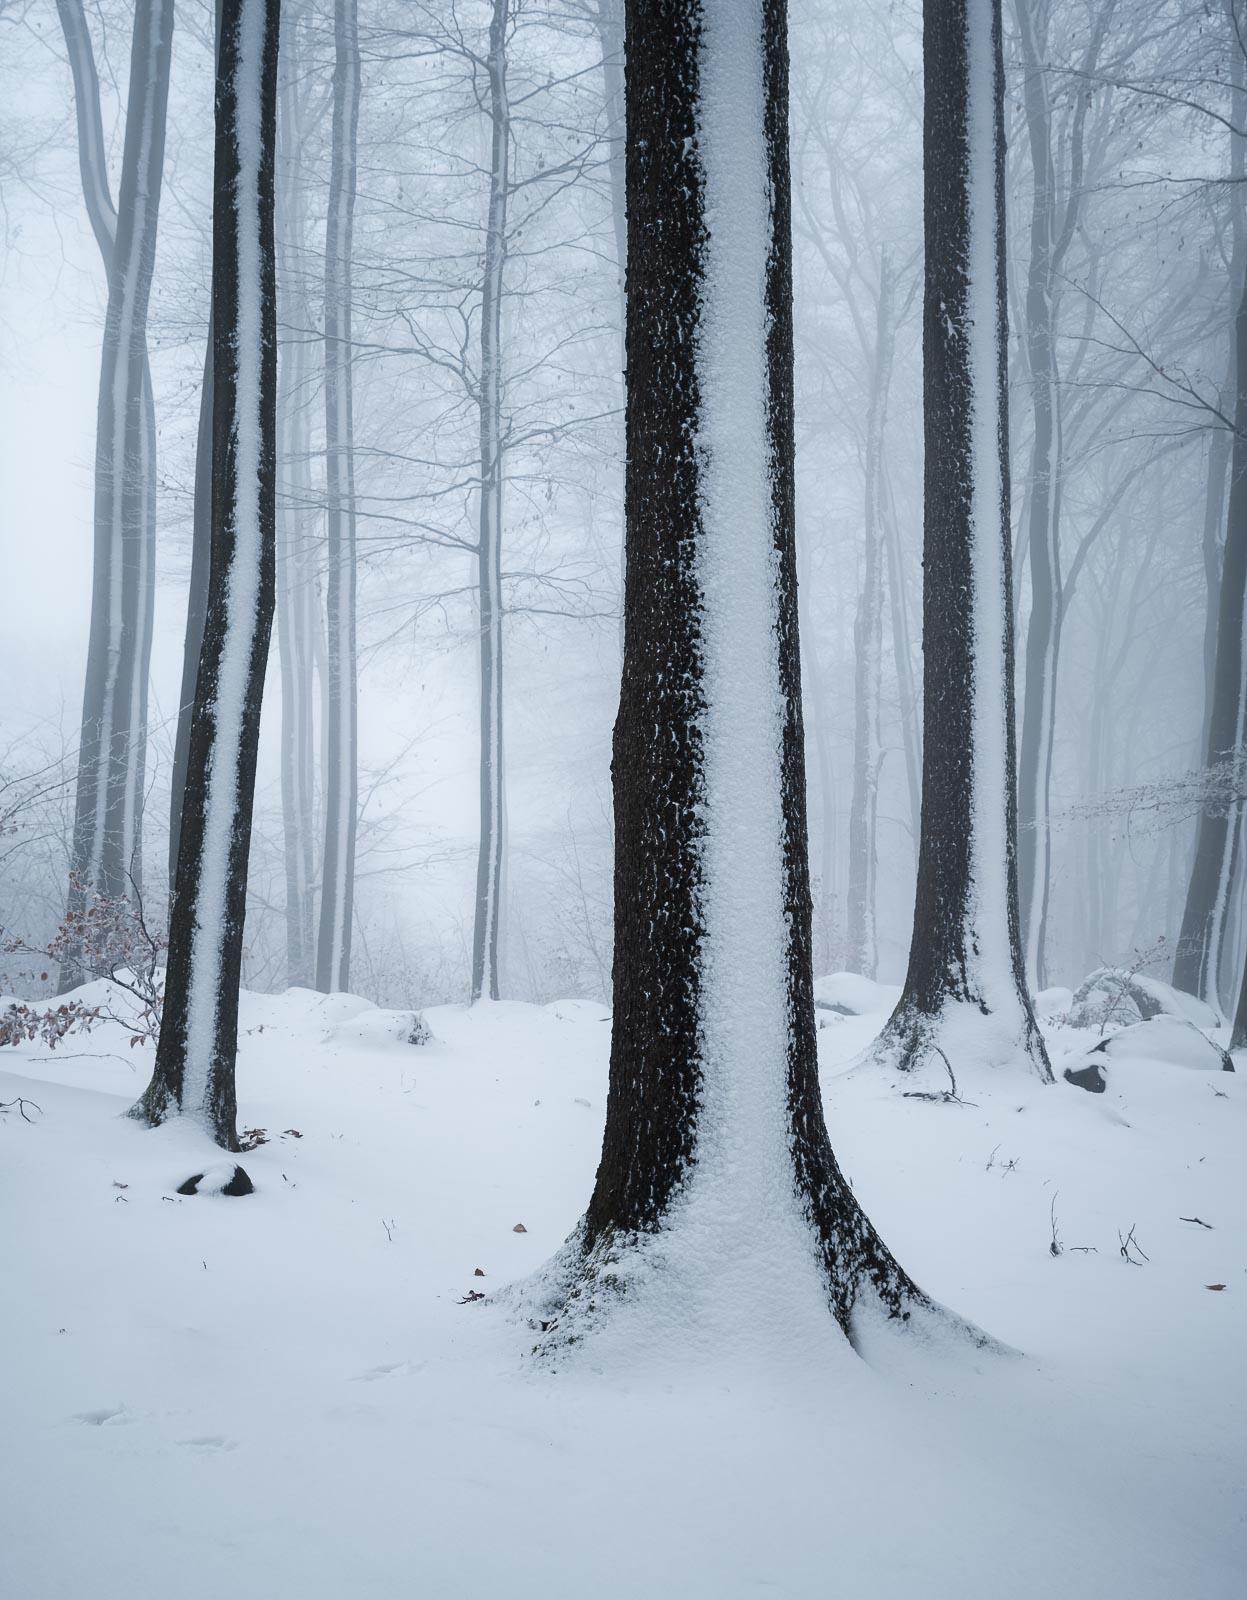 odenwald winter